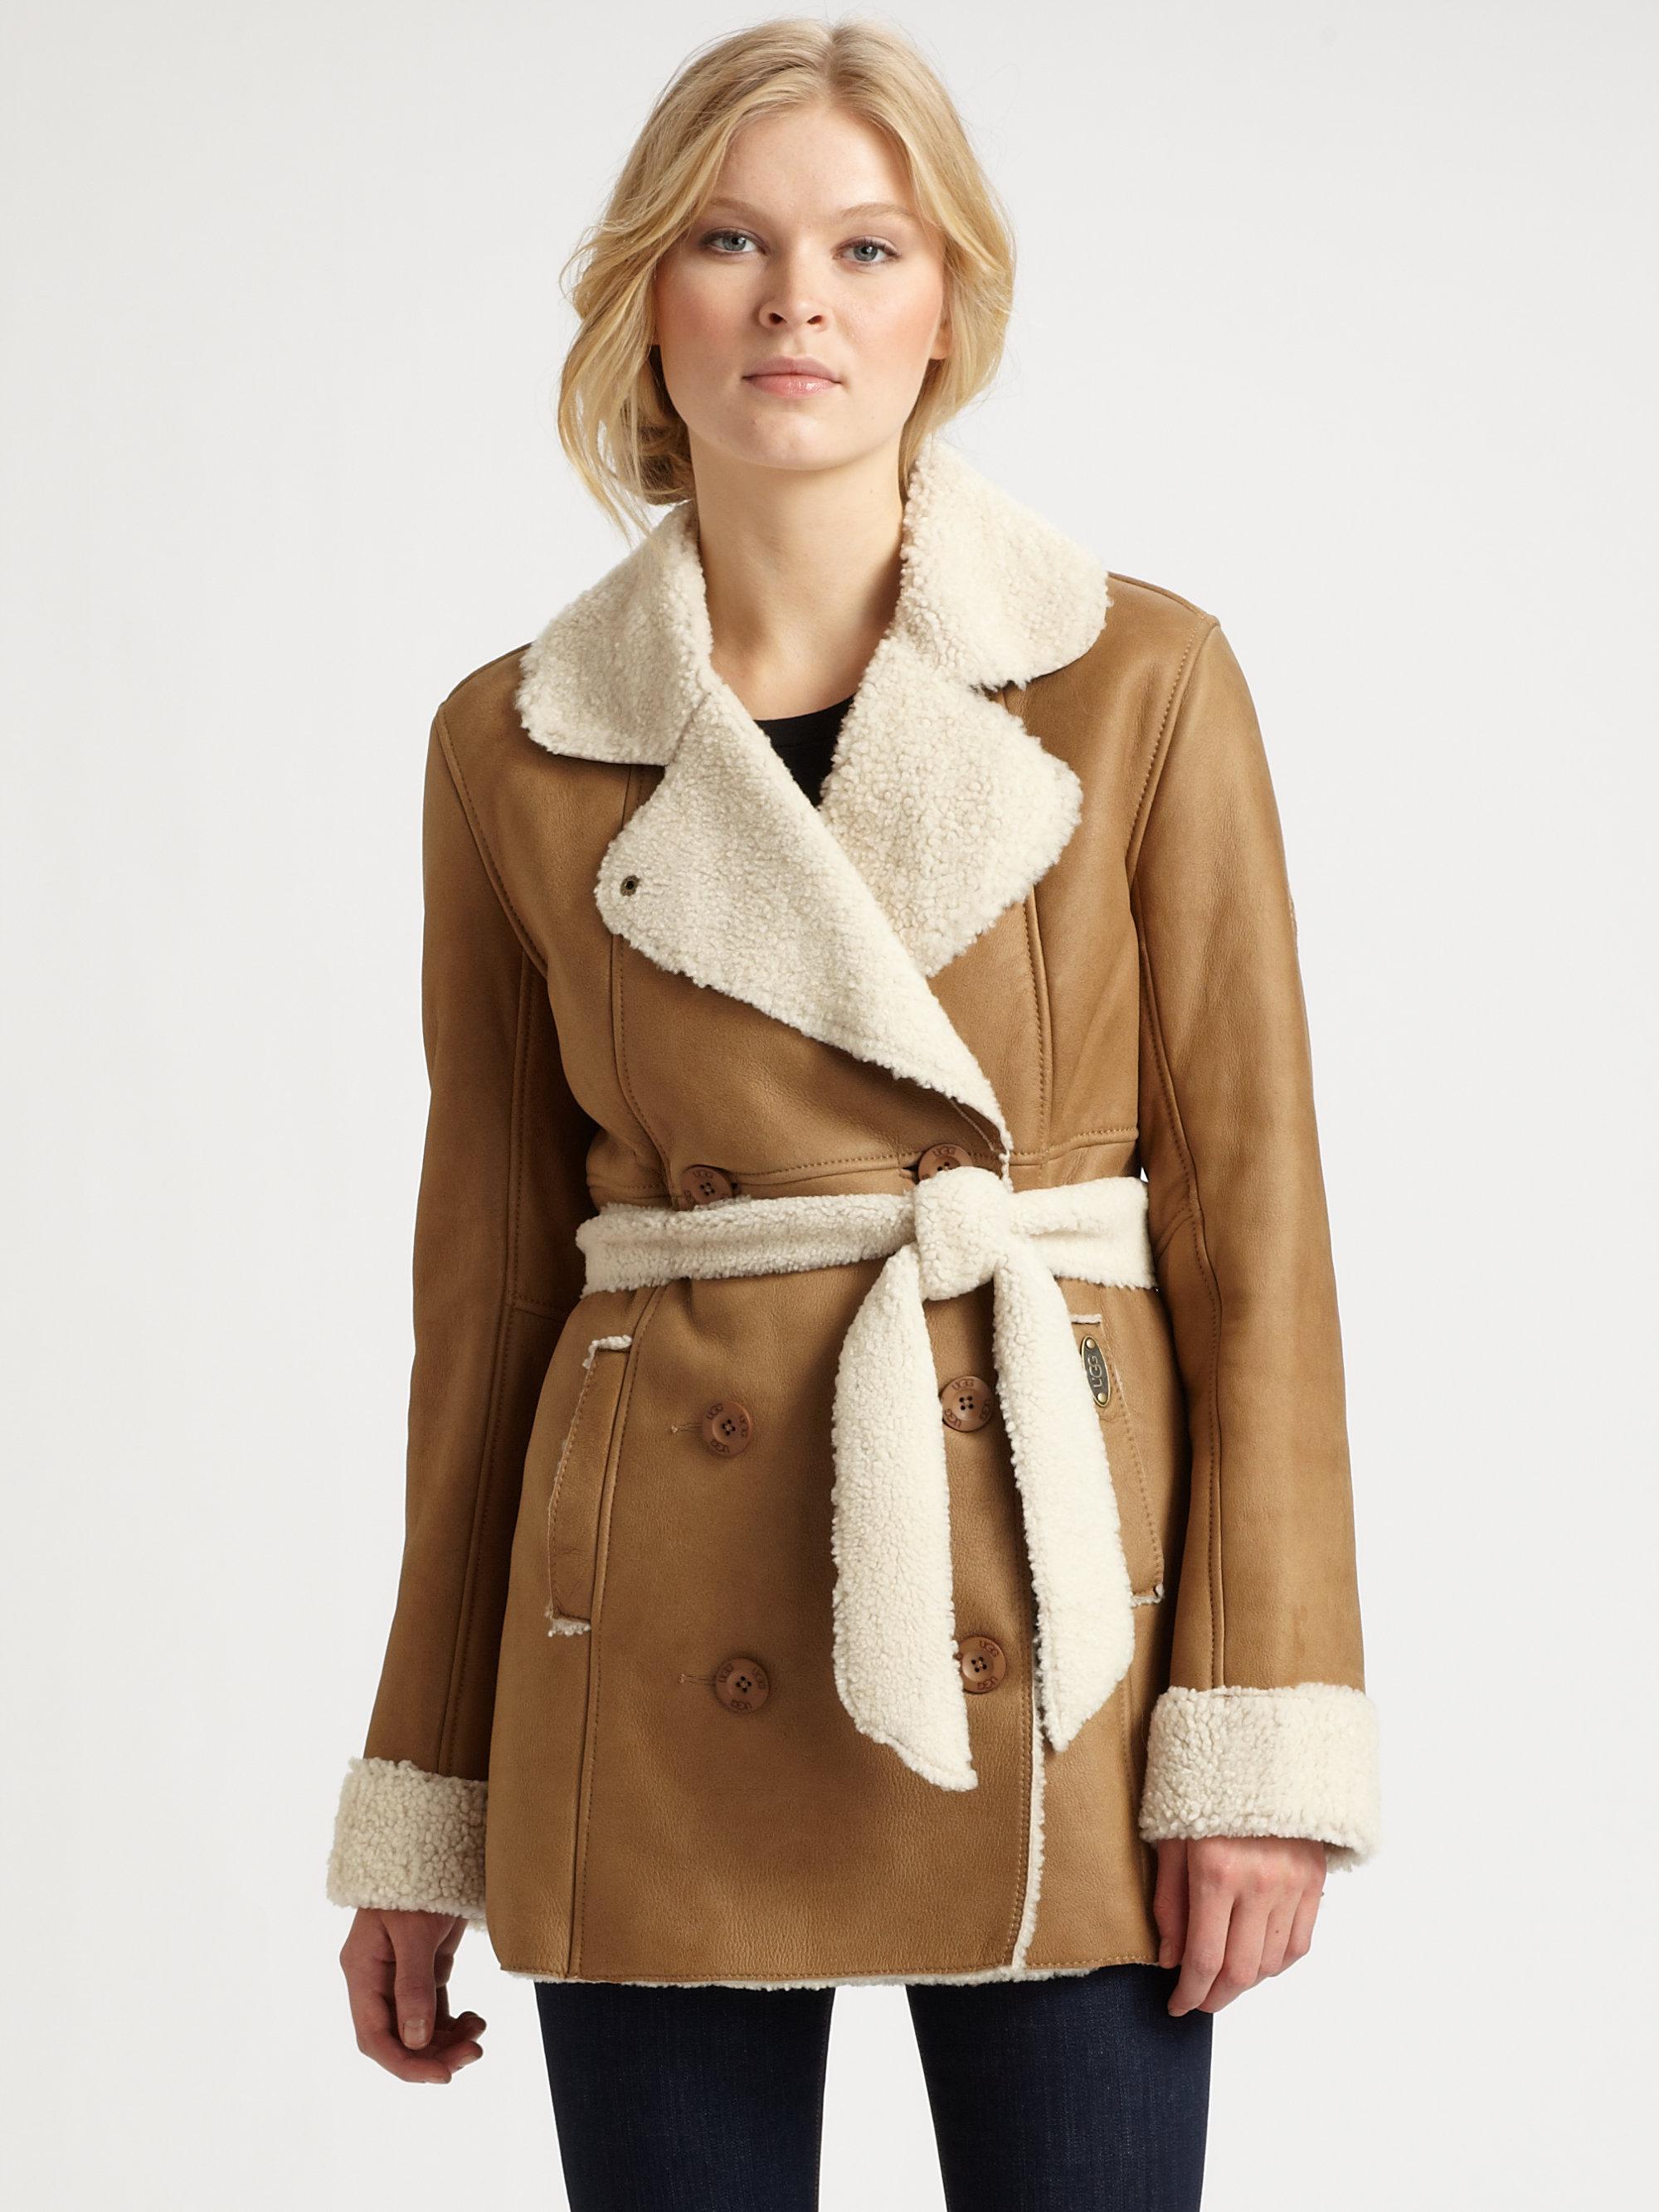 Ugg Sheepskin Coat Womens | Mindwise